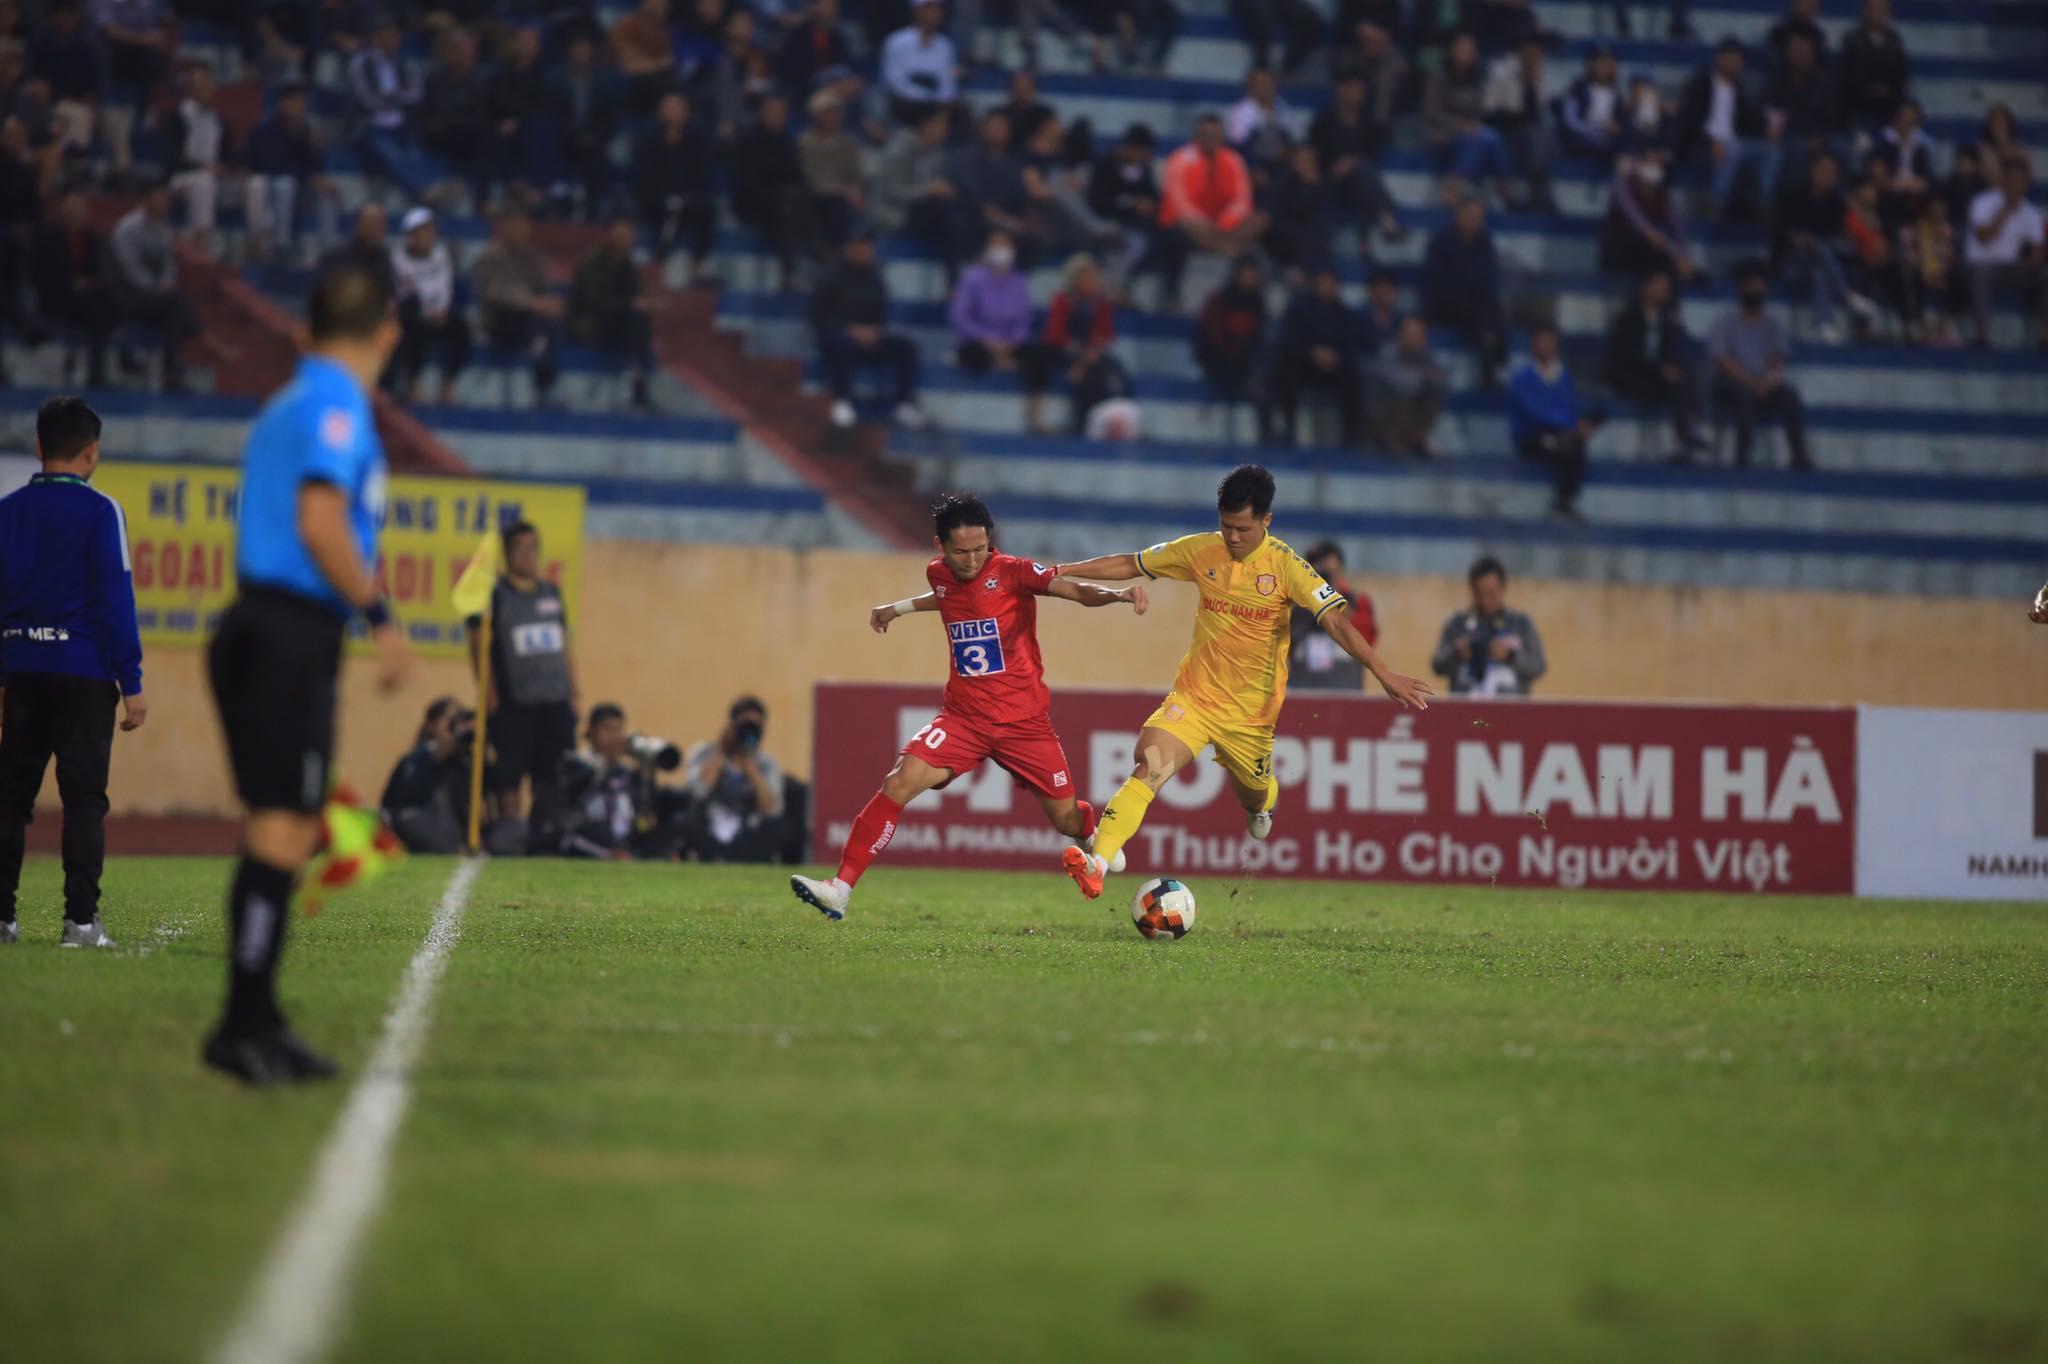 DNH.NĐ chơi chủ động trước Hải Phòng những phút đầu trận - Ảnh: Minh Tuấn